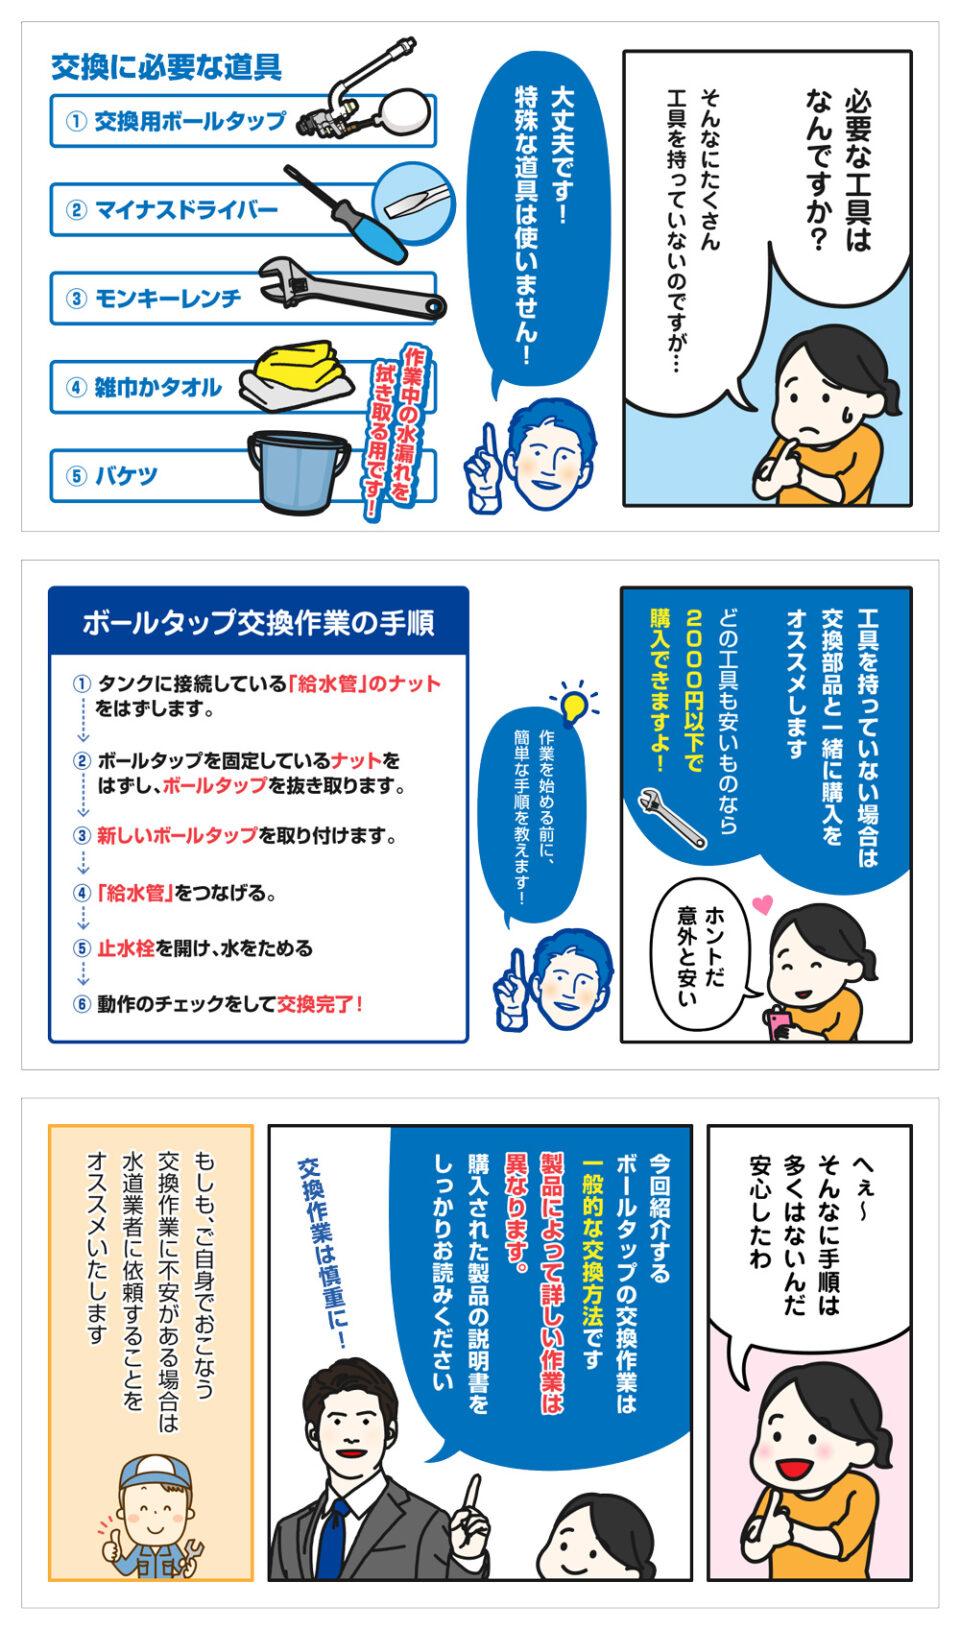 トイレタンクの水漏れ修理方法-5